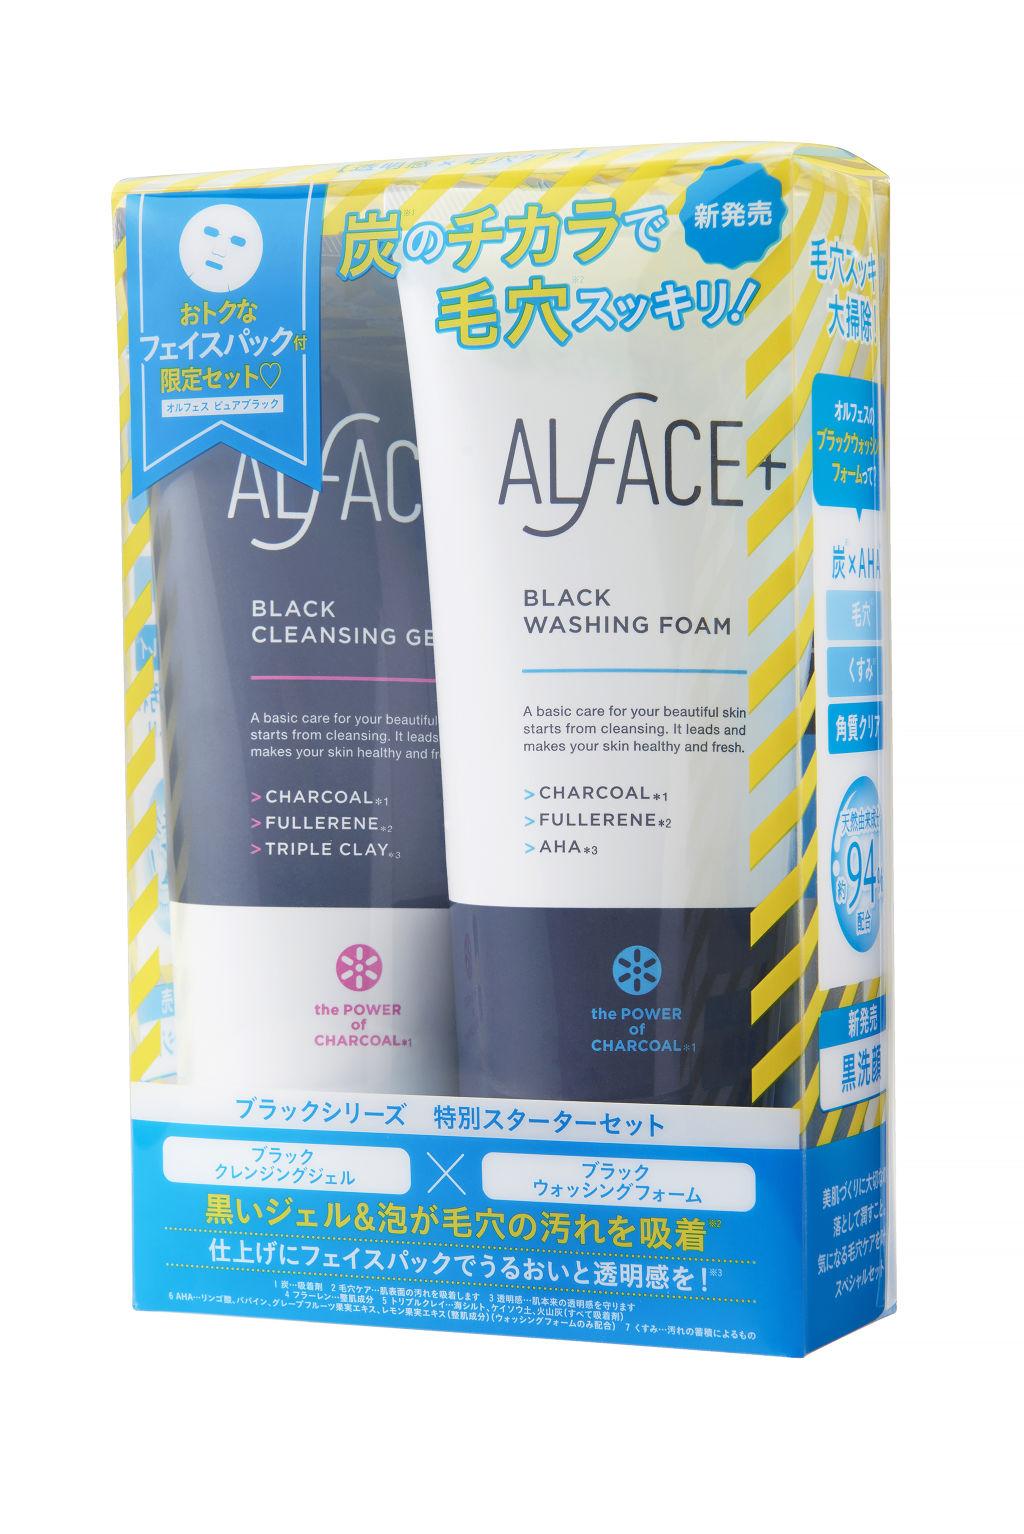 オルフェス ブラックシリーズ 初回スターターセット ALFACE+(オルフェス)